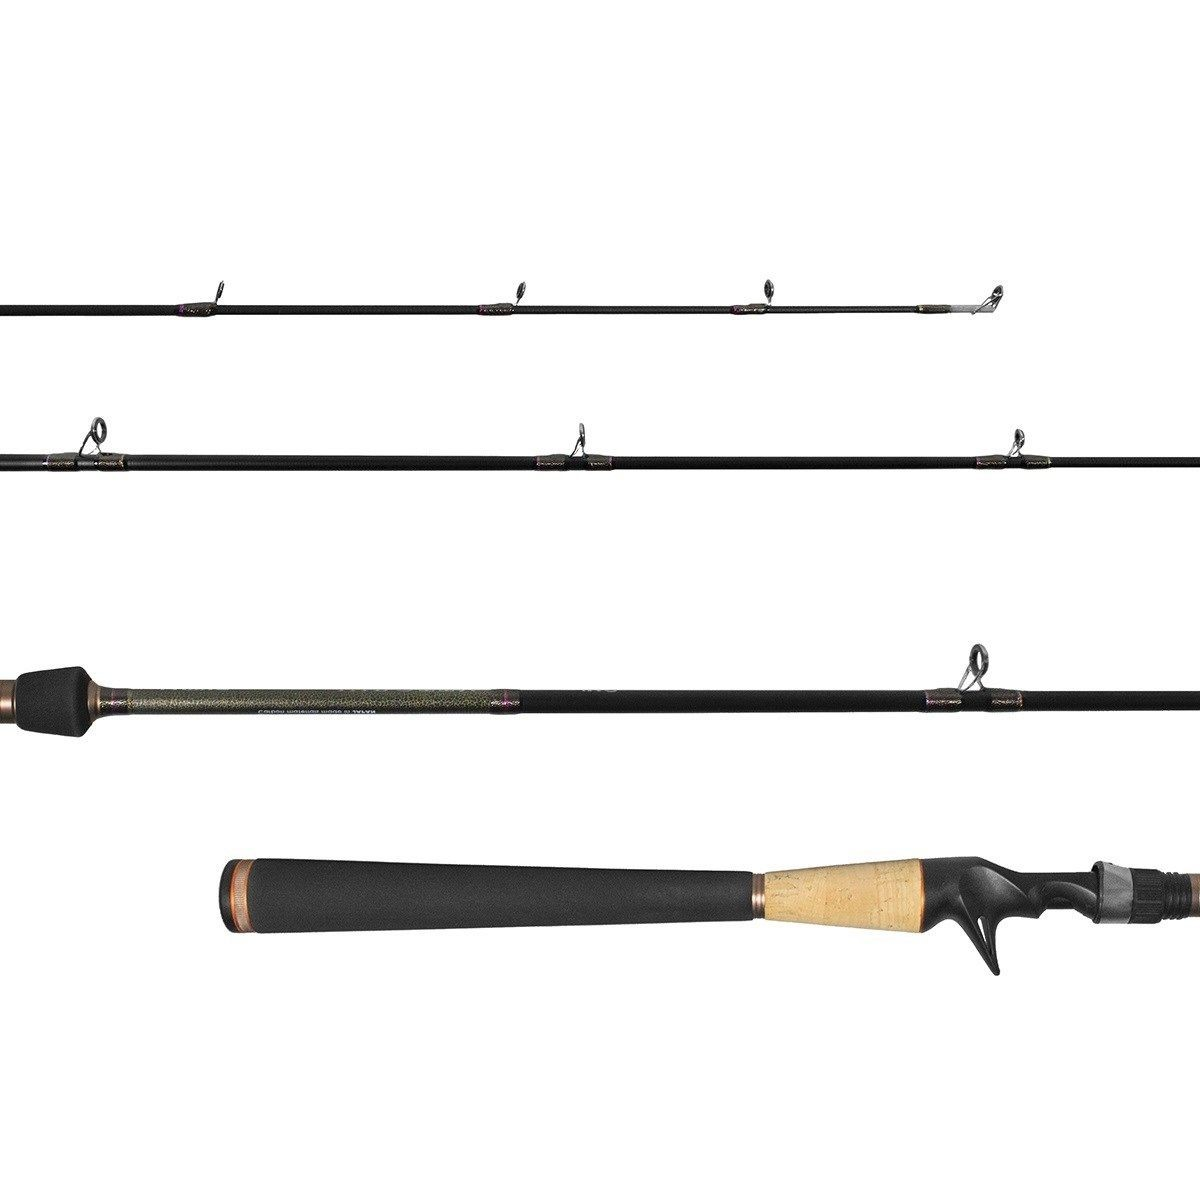 Vara Lumis Virotty 562 (1,68m) 6-15lb 2 Partes Carretilha  - Pesca Adventure